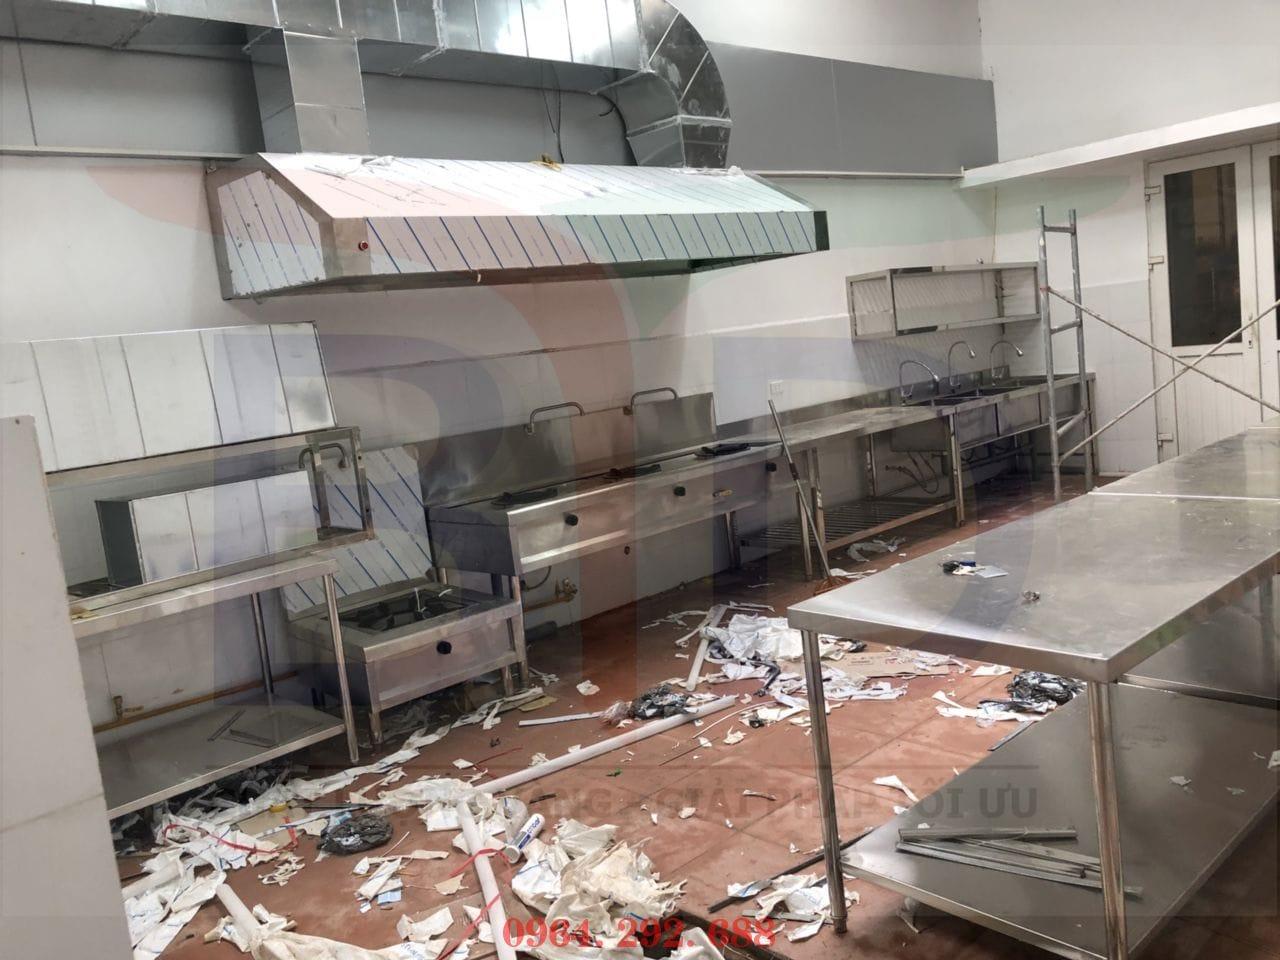 Setup khu bếp công nghiệp chuẩn cho nhà hàng ăn nhanh Linh Đàm